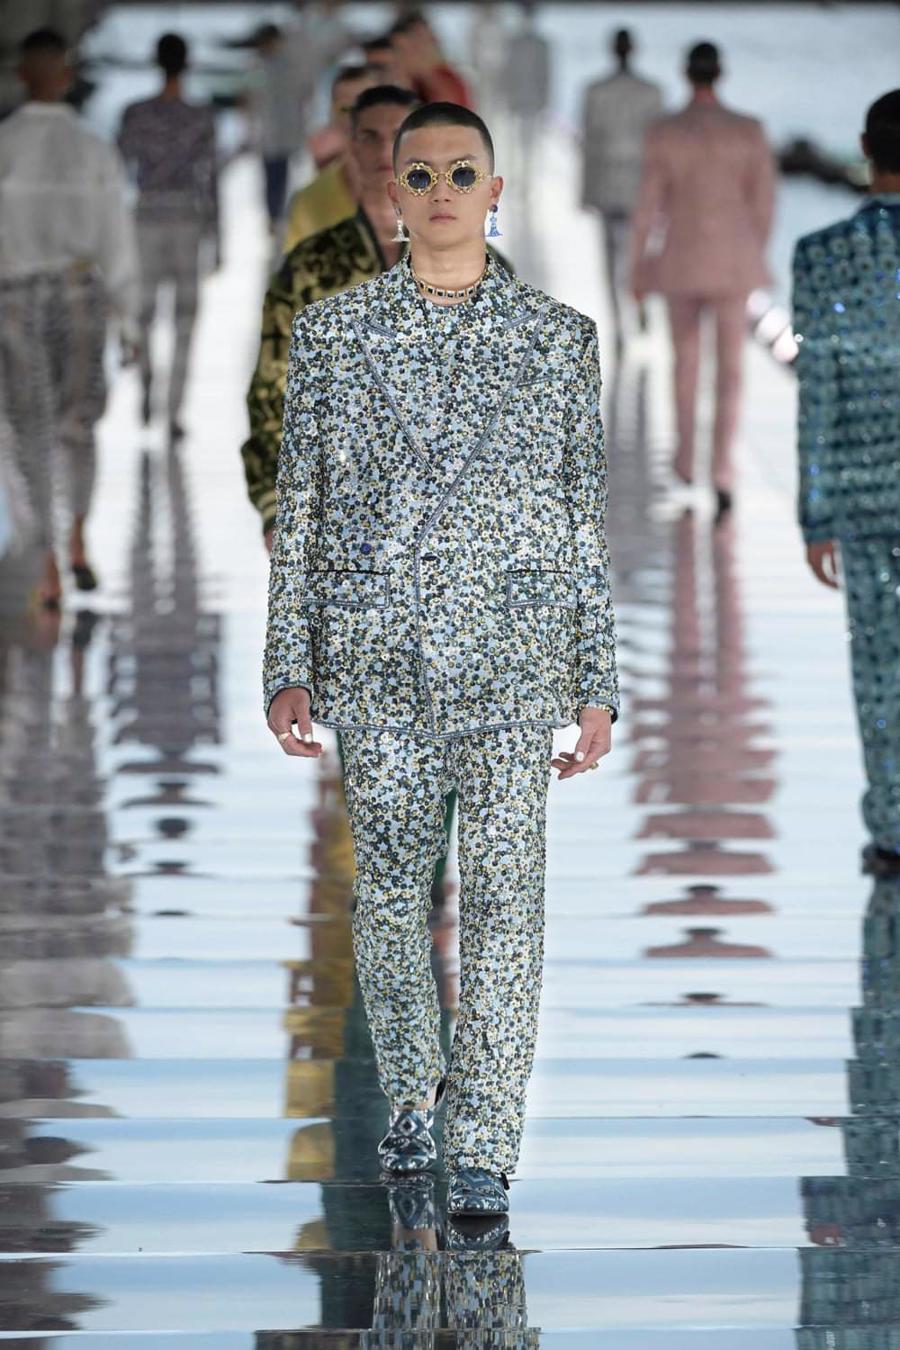 Thế giới chứng kiến những gì sau bữa tiệc xa hoa của Dolce & Gabbana? - Ảnh 16